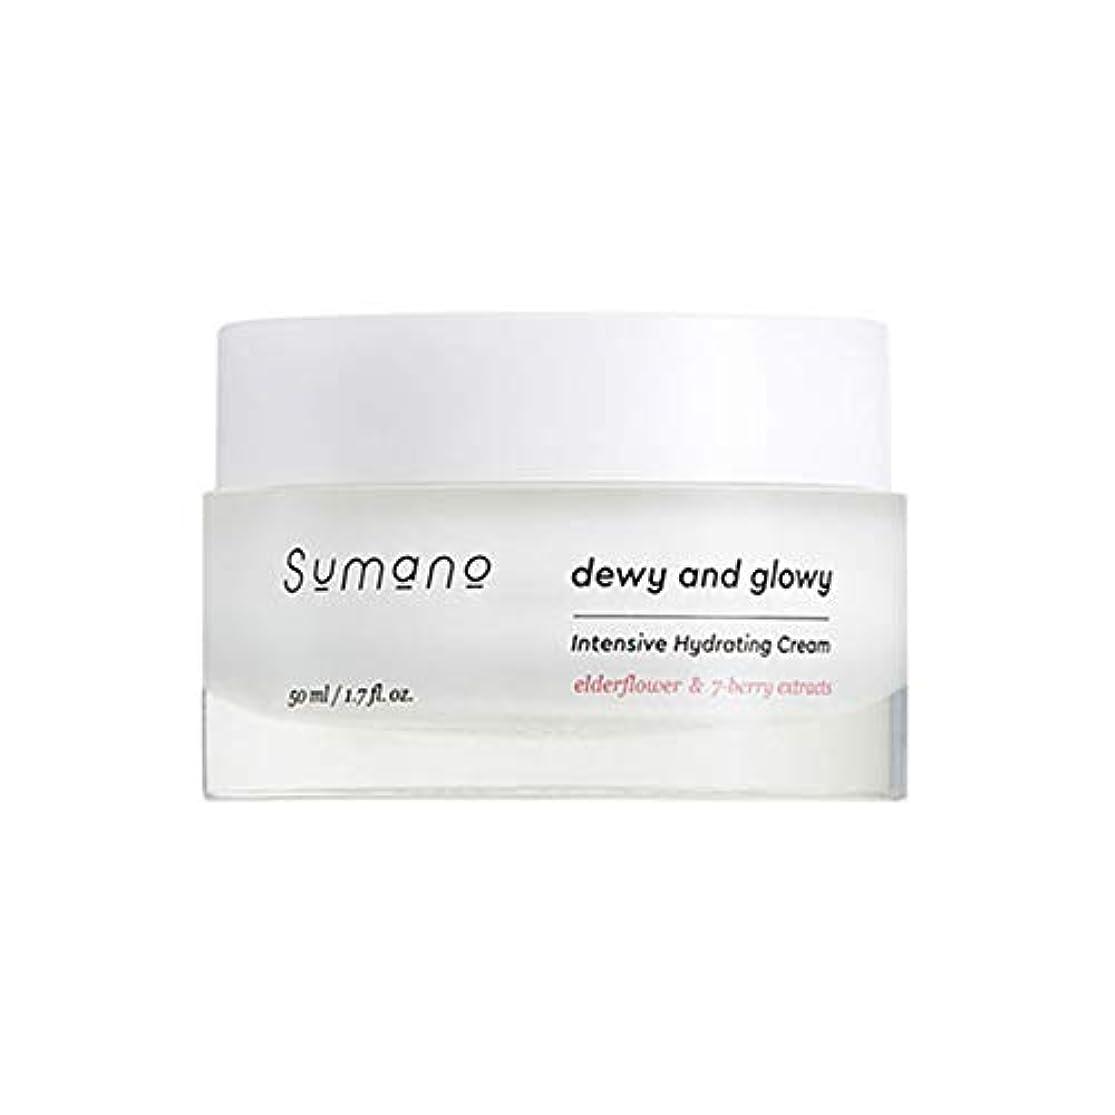 ストレスの多いバイオレット帳面[SUMANO/スマノ] Sumano Intensive Hydrating Cream/インテンシブクリーム Skingarden/スキンガーデン